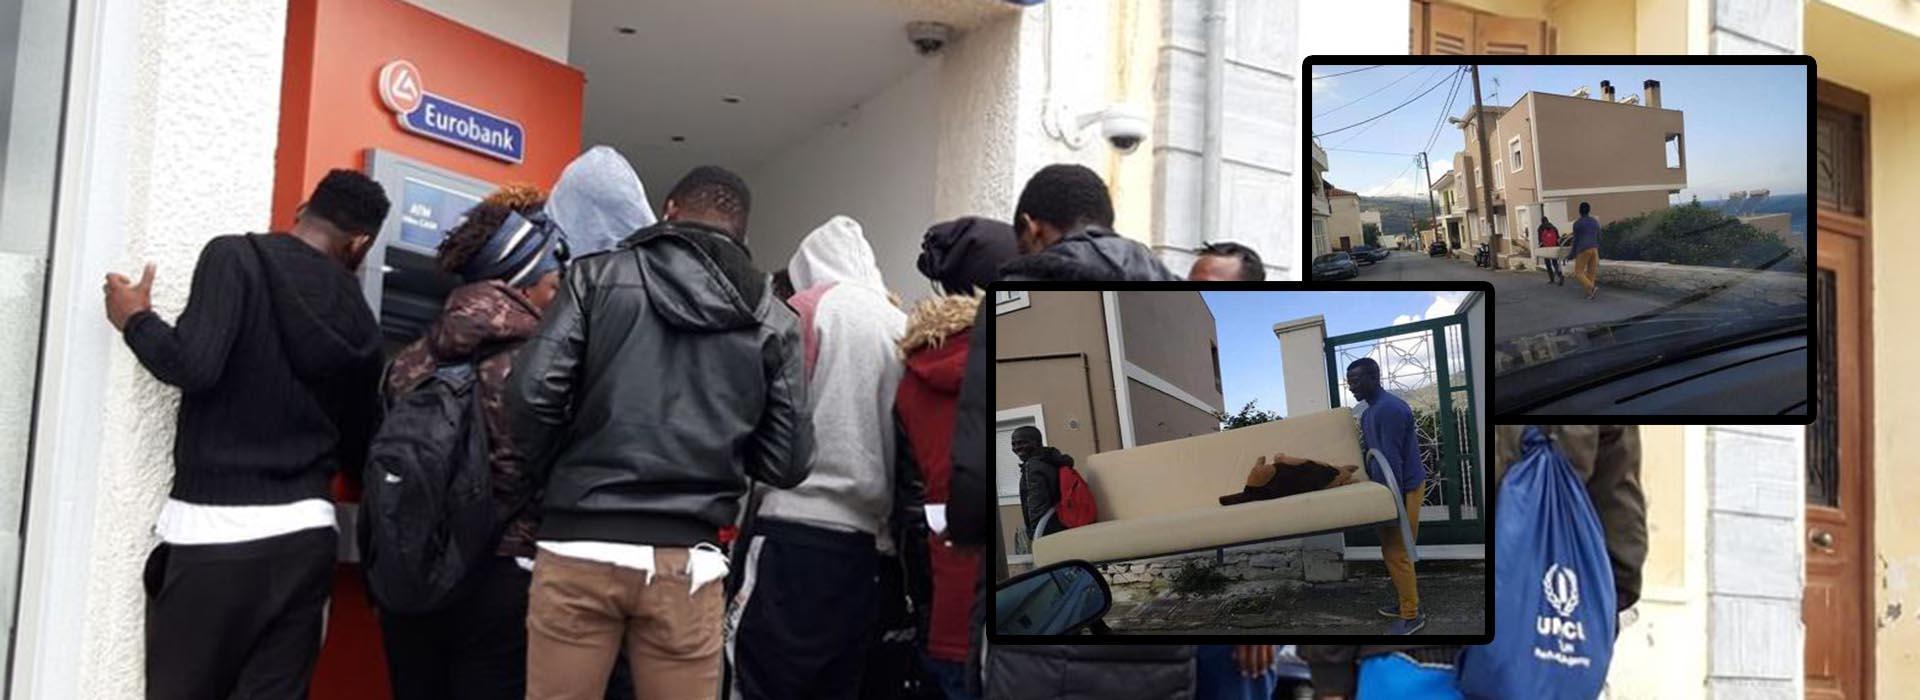 Οι μετανάστες αν και παίρνουν επιδόματα… κάνουν «πλιάτσικο» σε ξενοδοχεία και βάζουν φωτιά σε ποιμνιοστάσιο! (φωτο&βιντεο)